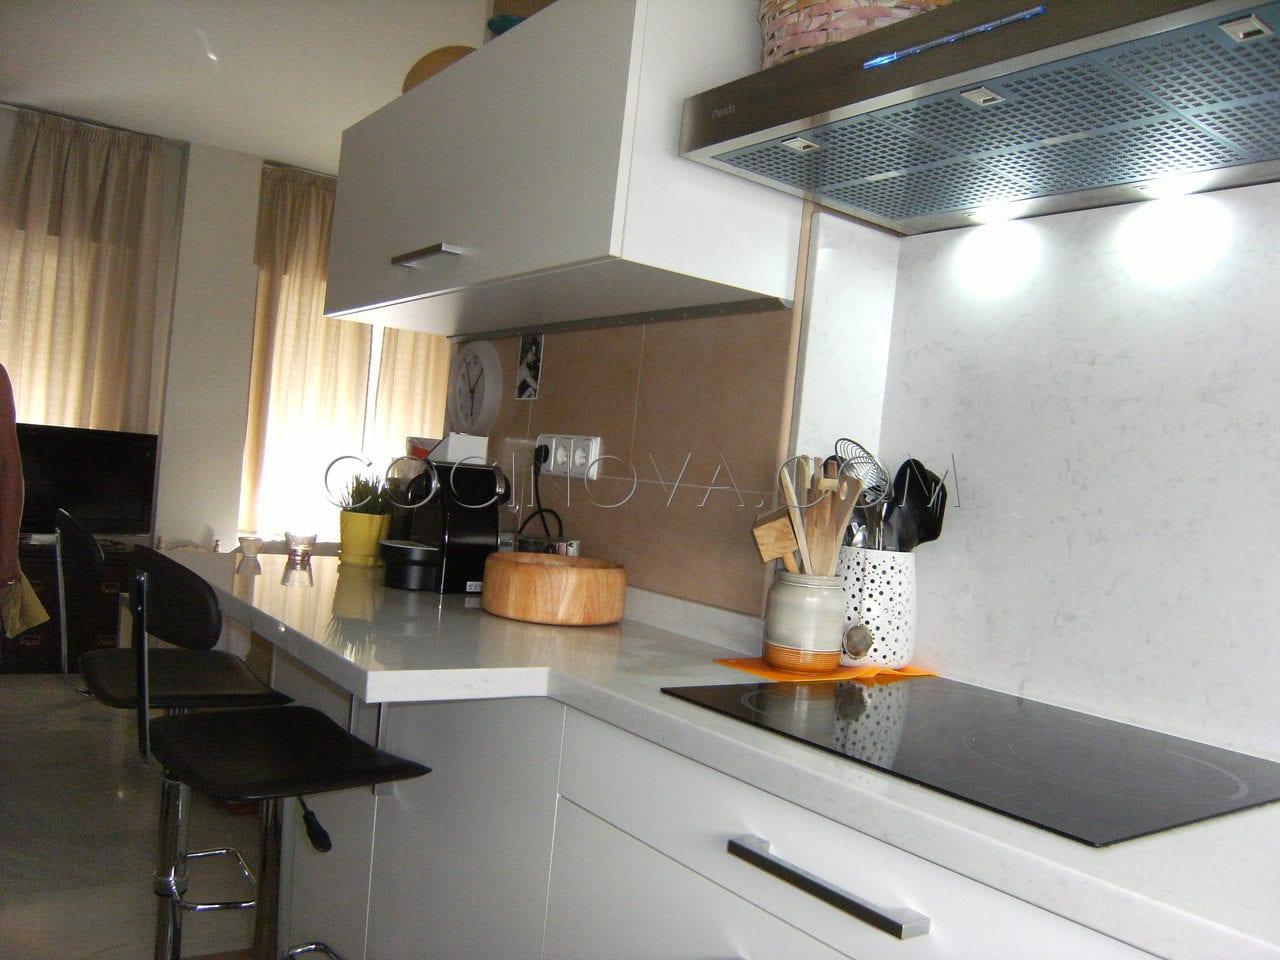 Cocinova cocinas en sevilla cocinova - Cocinas sevilla ...